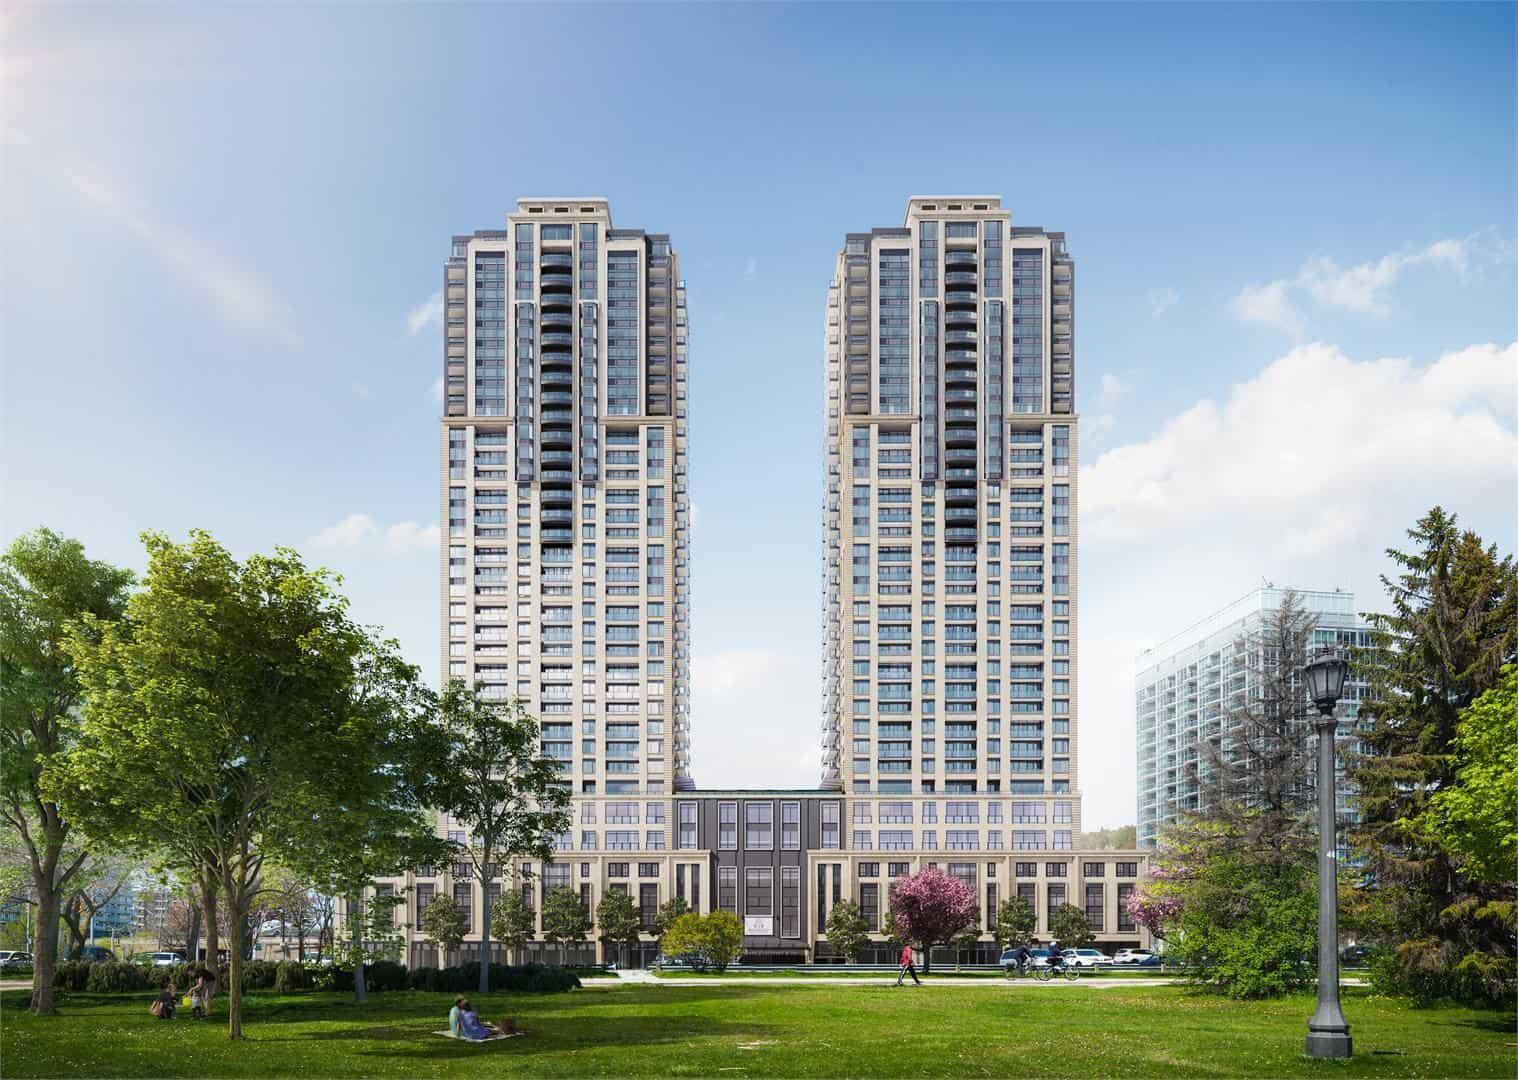 Mirabella Condos West Tower Exterior Buildings True Condos